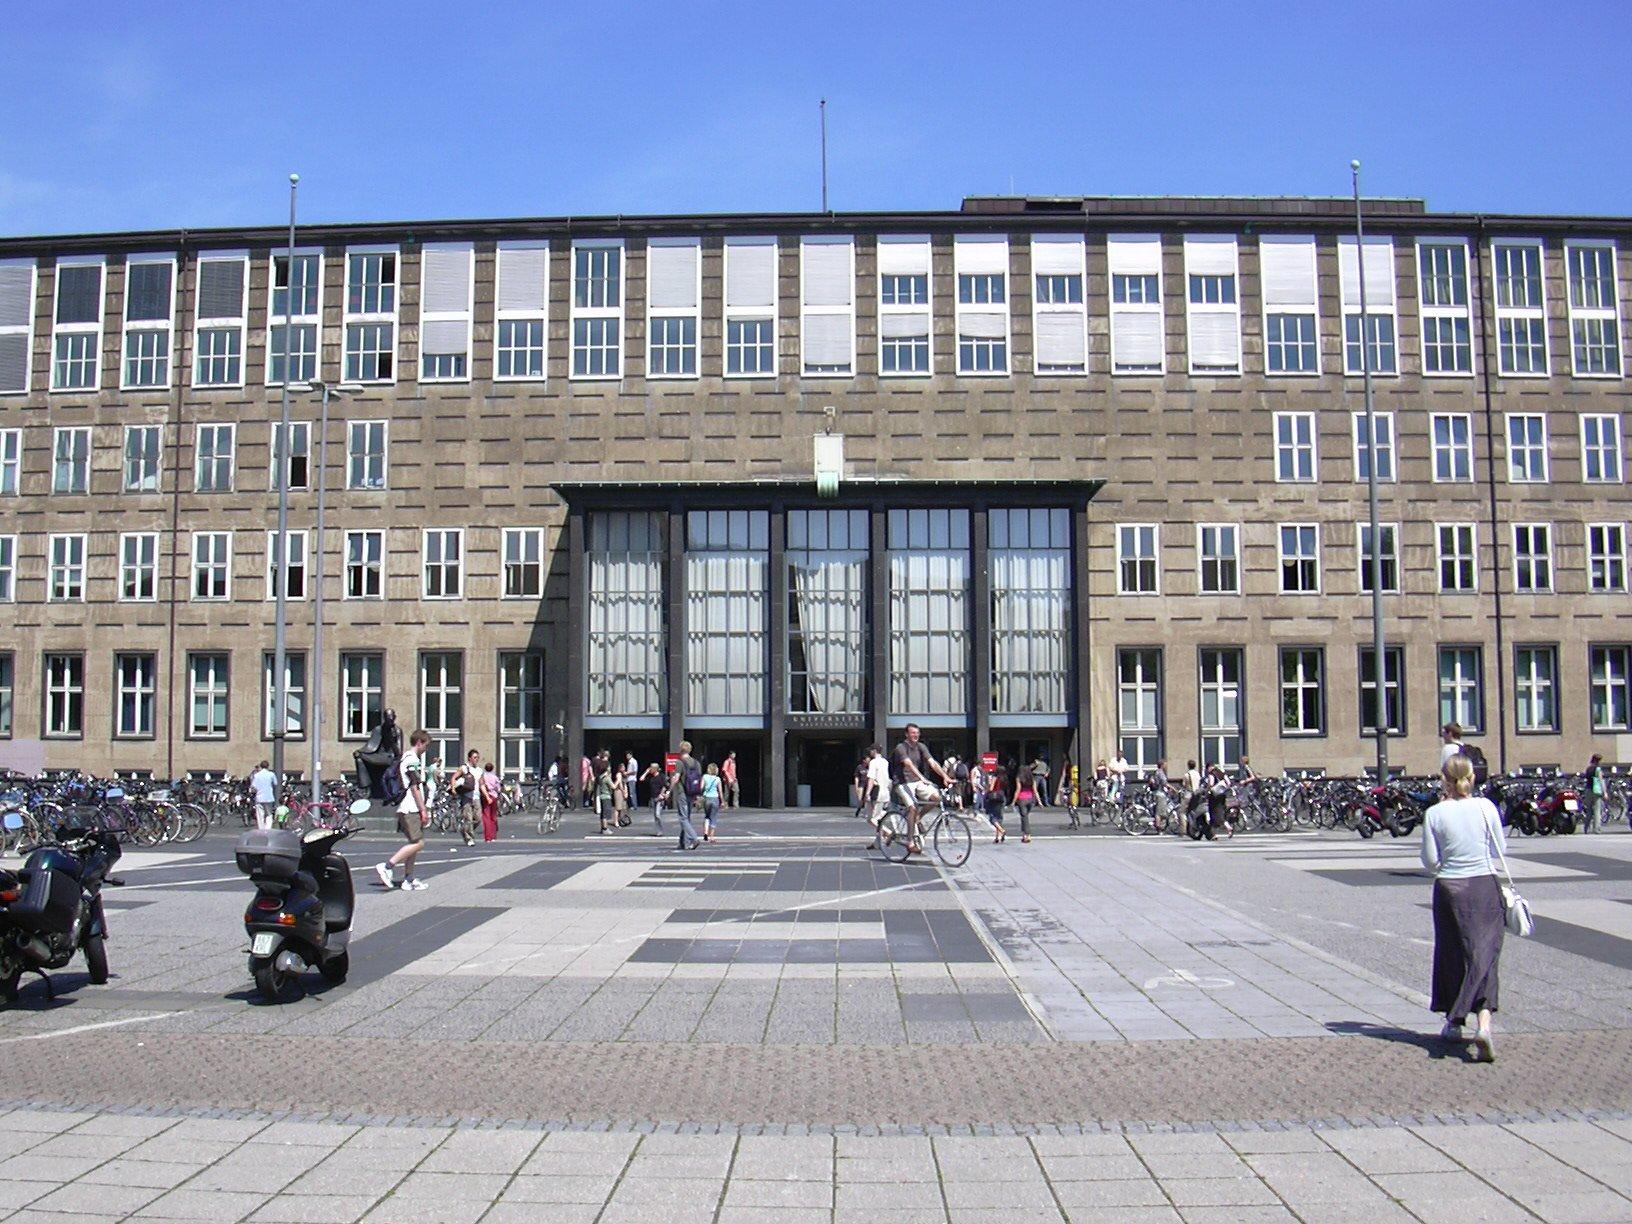 Đại Học Tổng Hợp Köln-1 Trong 5 Trường được Du Học Sinh Yêu Thích Nhất